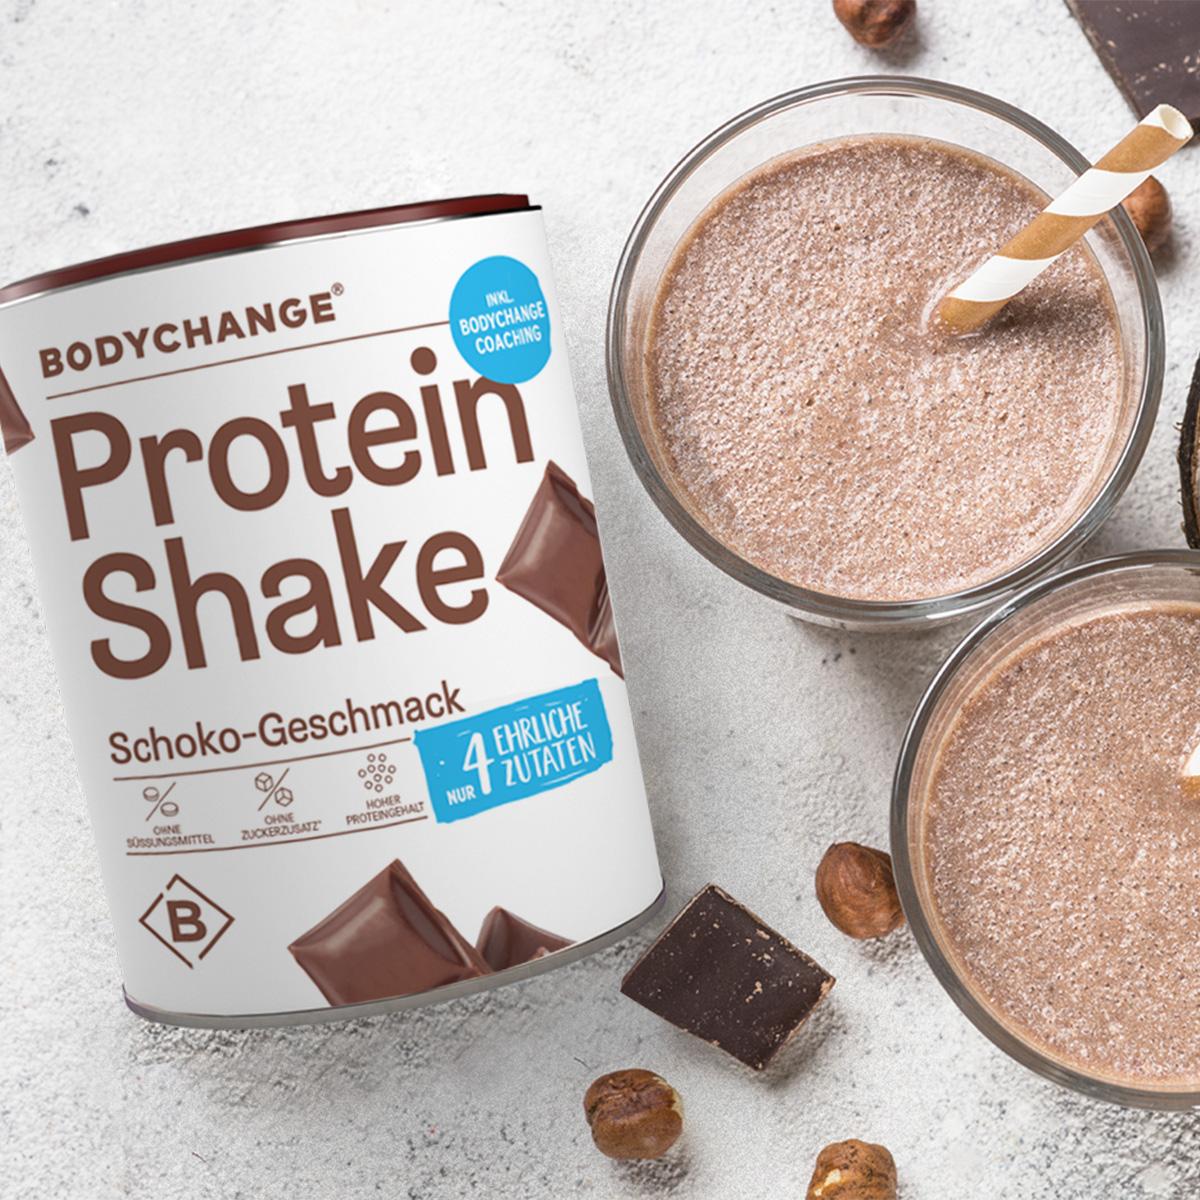 Protein Shake Schoko